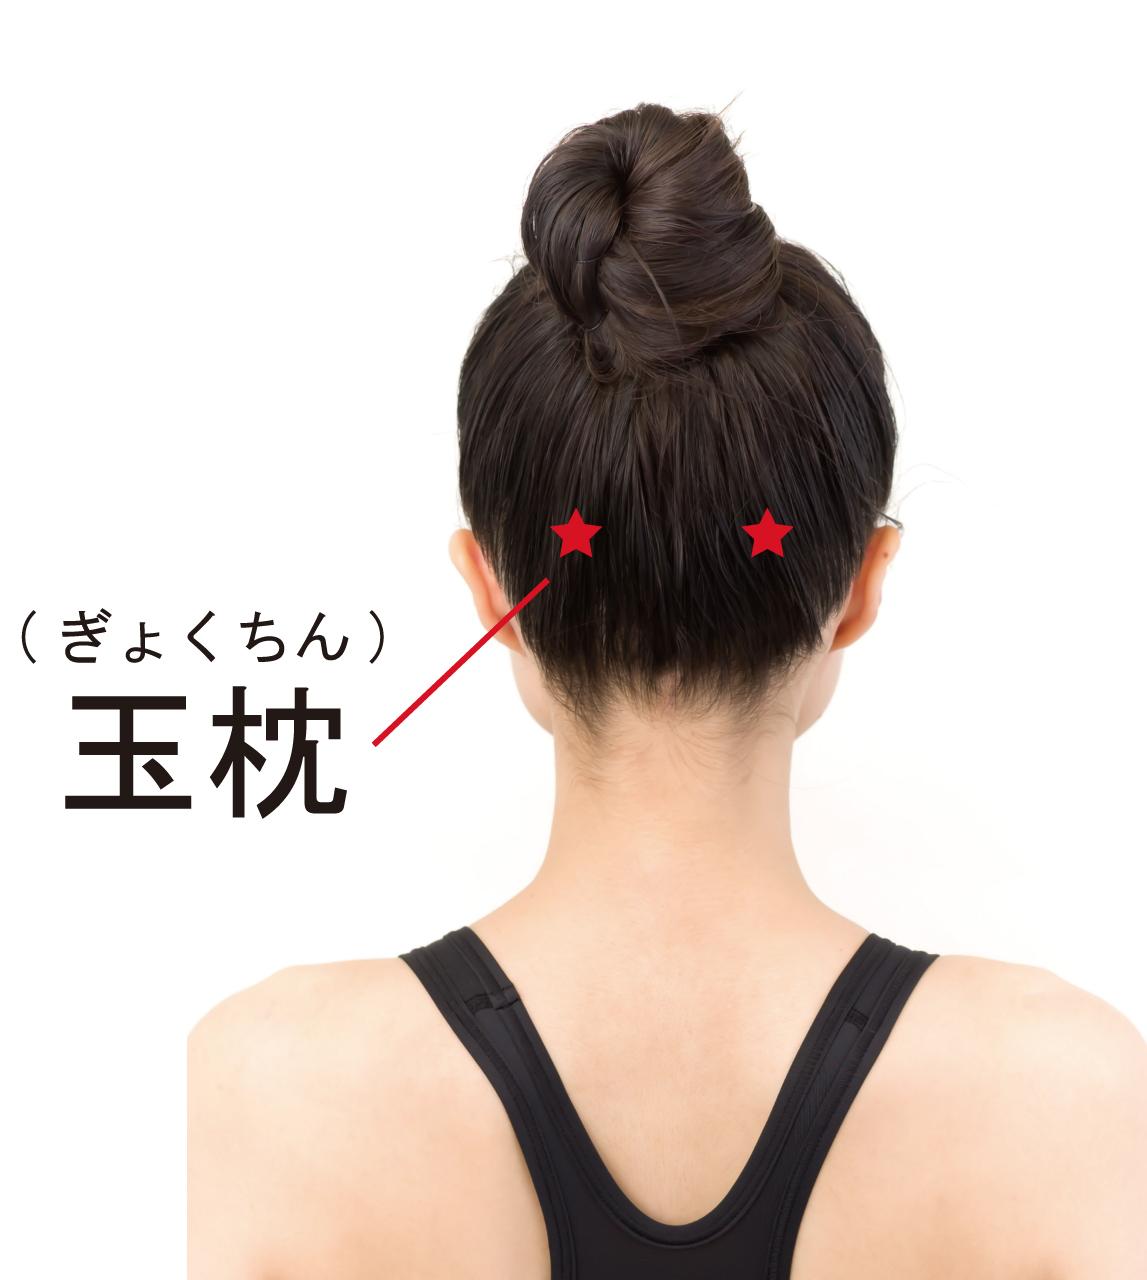 薄毛対策のツボ「玉枕(ぎょくちん)」のツボの位置を記した女性の画像